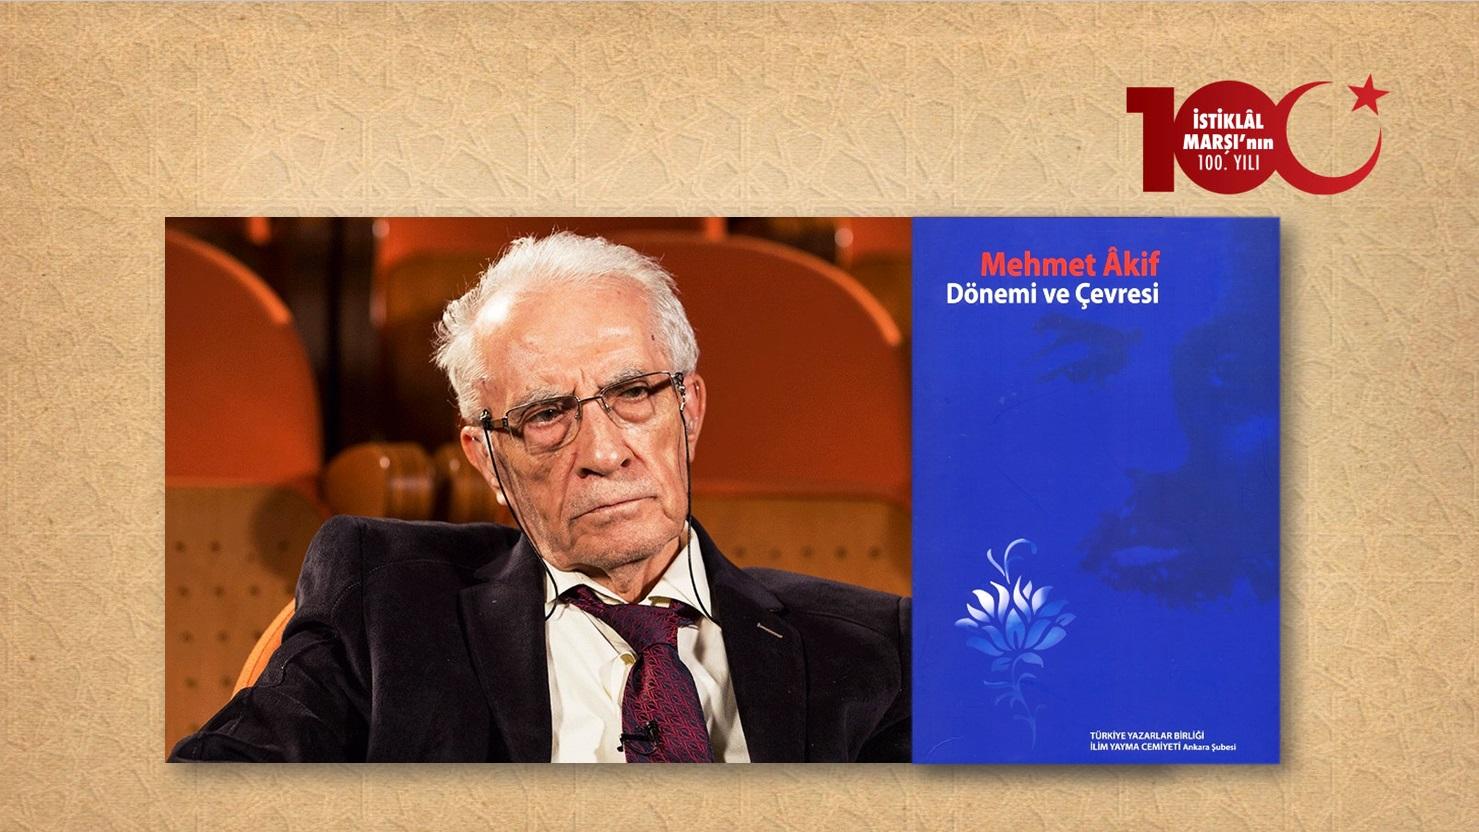 Prof. Dr. Süleyman Hayri Bolay: Âkif'in İnsana Bakış